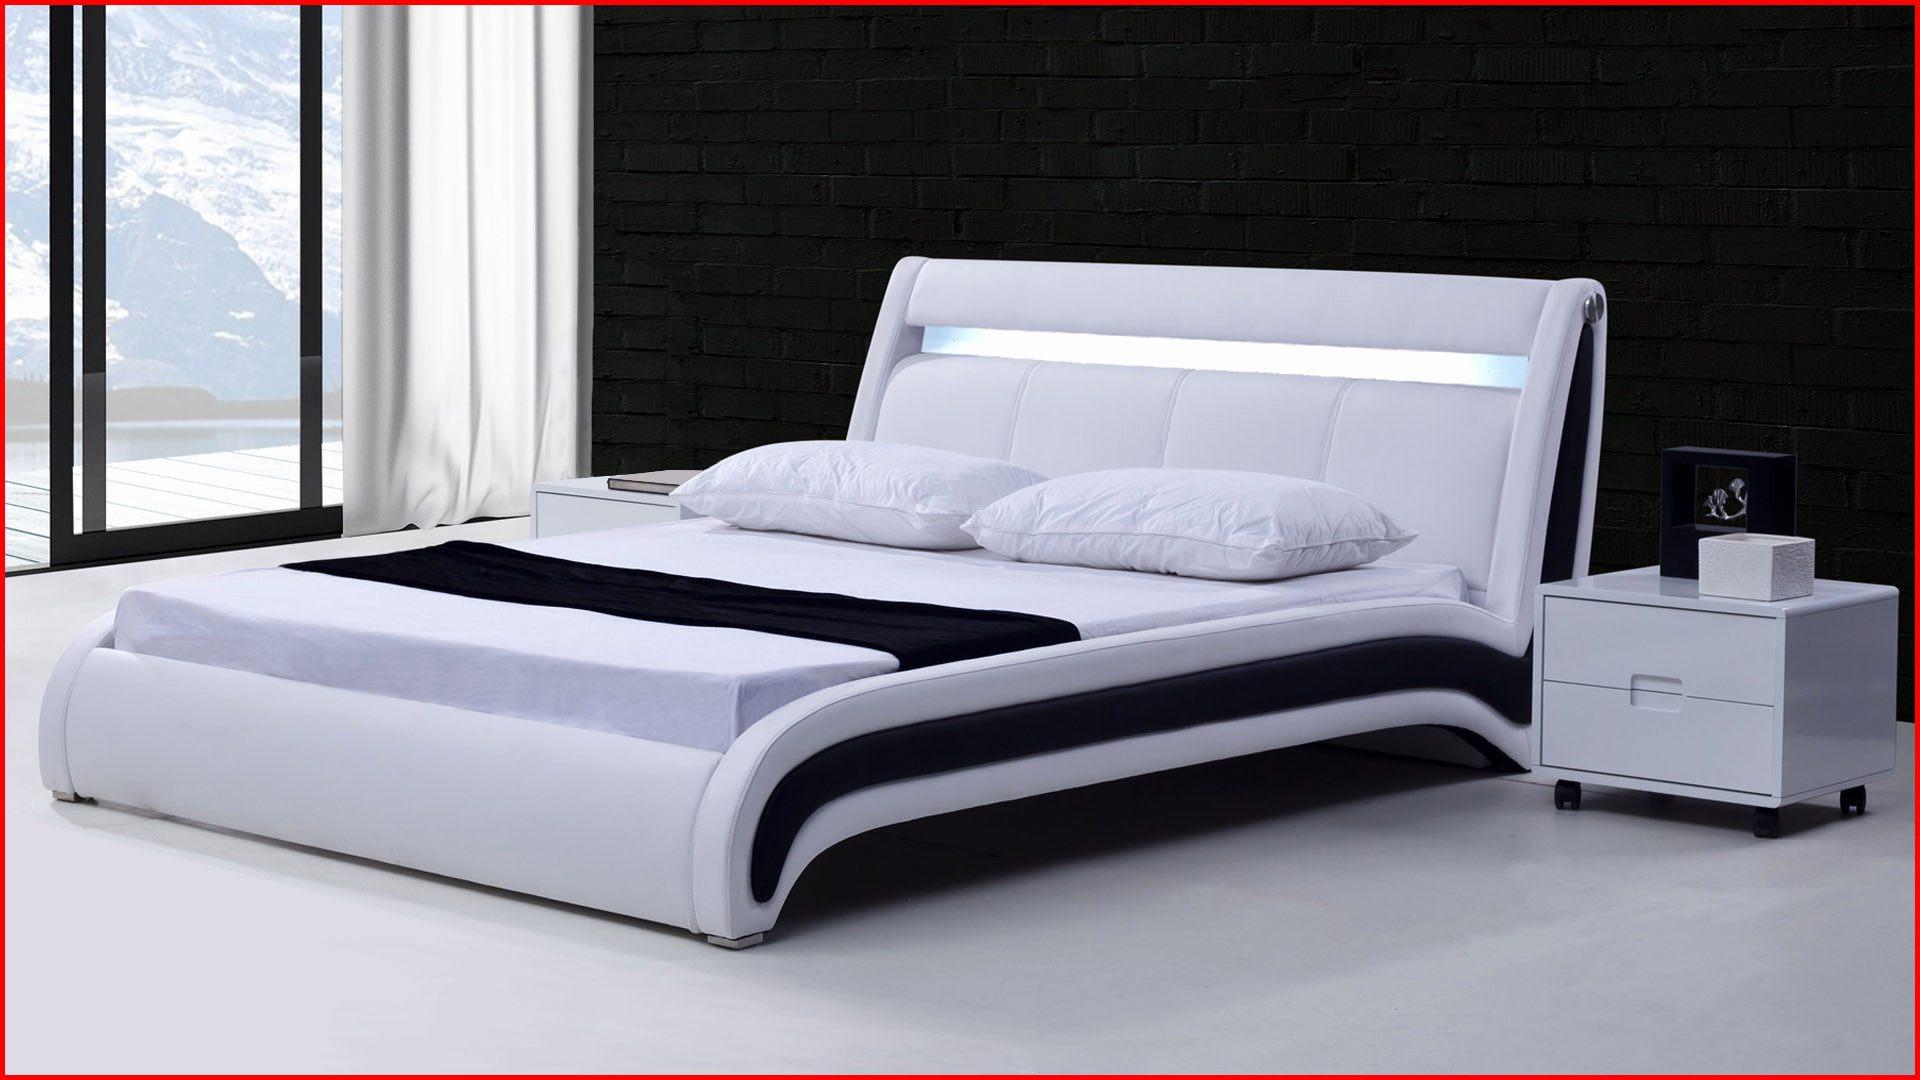 Rangement sous Lit Impressionnant Lit Avec Rangement Conforama Luxe Lit Conforama Table Cher Cuir